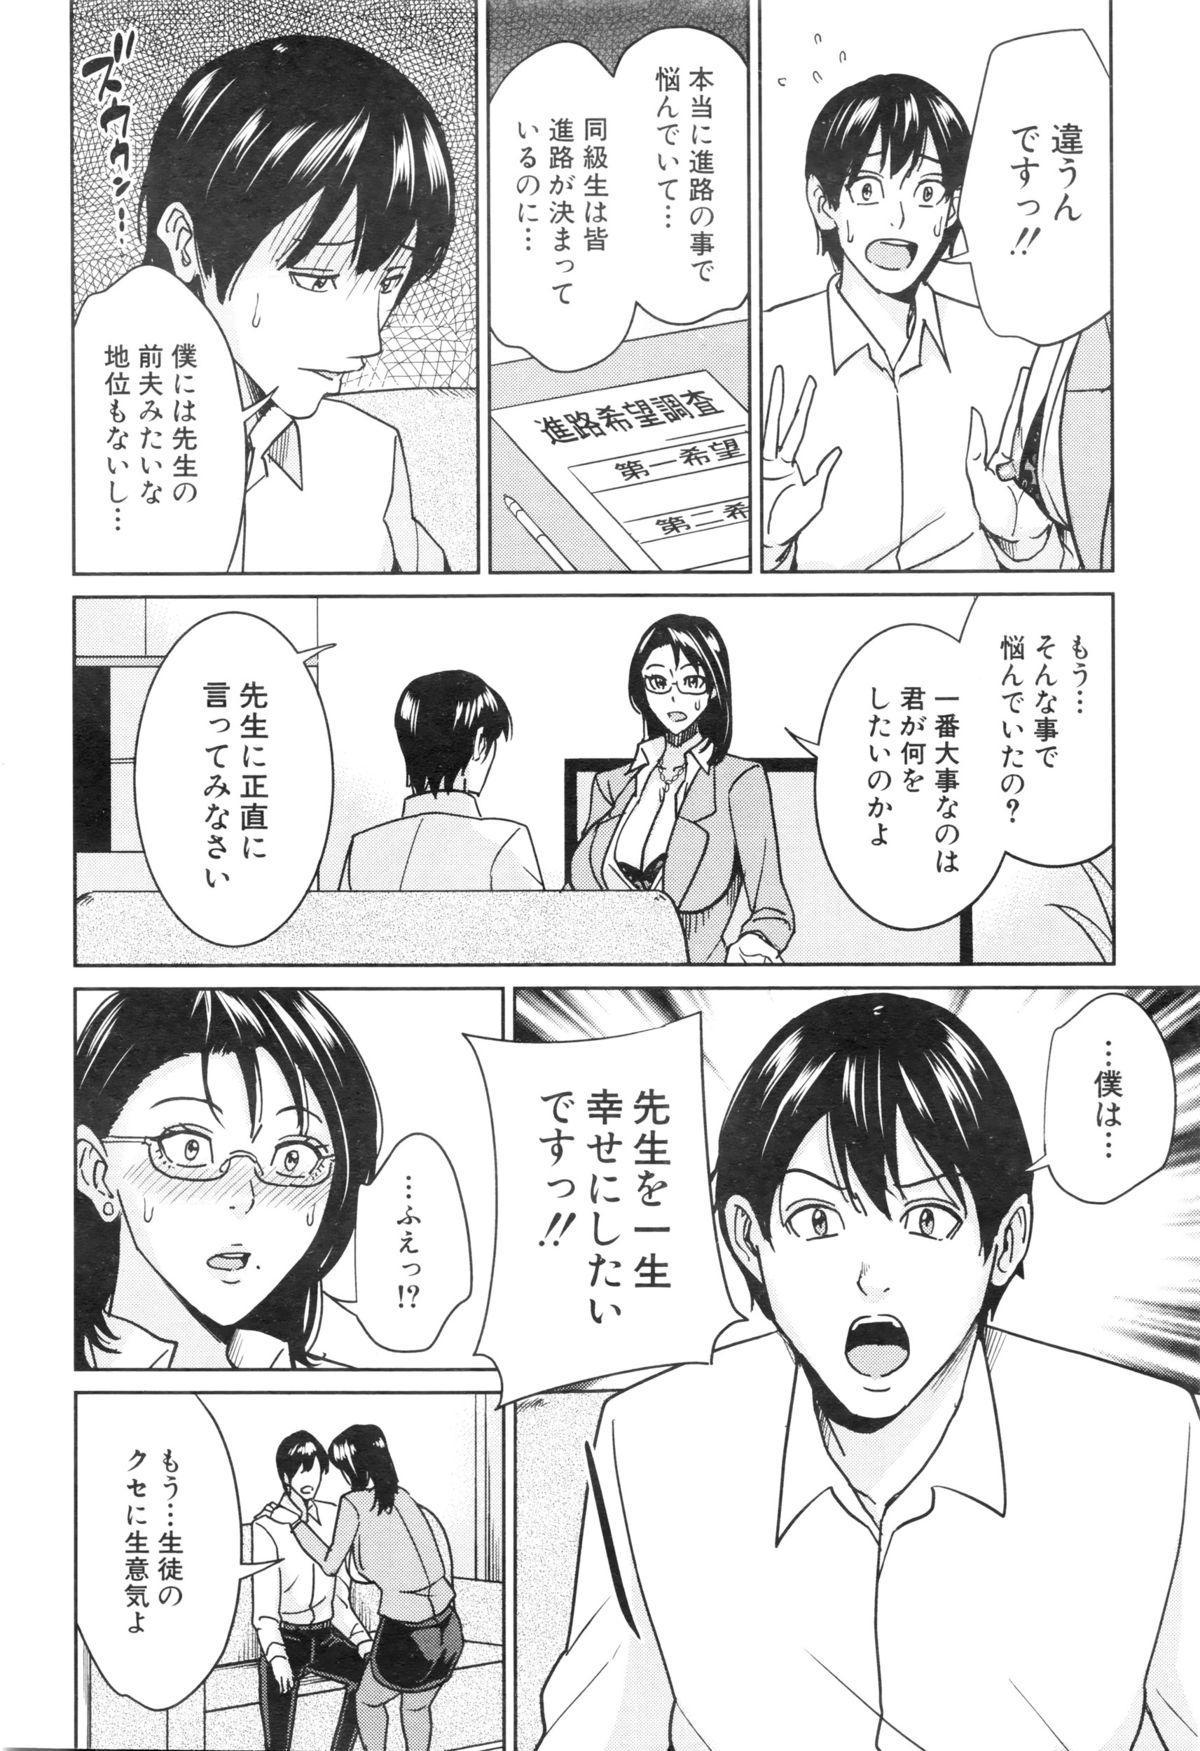 Kyouko Sensei to Boku no Himitsu 101